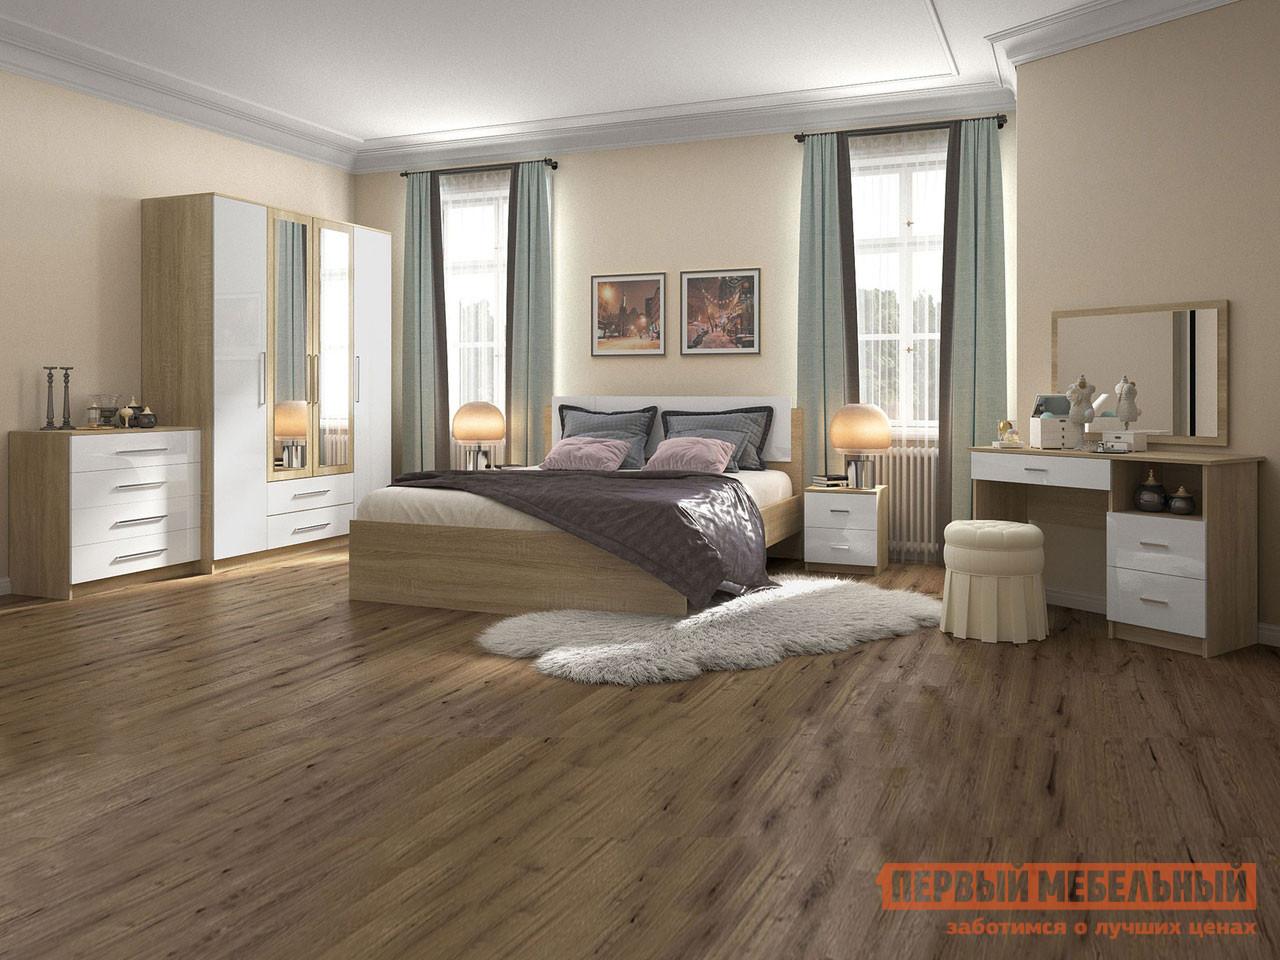 Спальный гарнитур НК-Мебель Марика К1 спальный гарнитур нк мебель комплект мебели для спальни тиберия к2